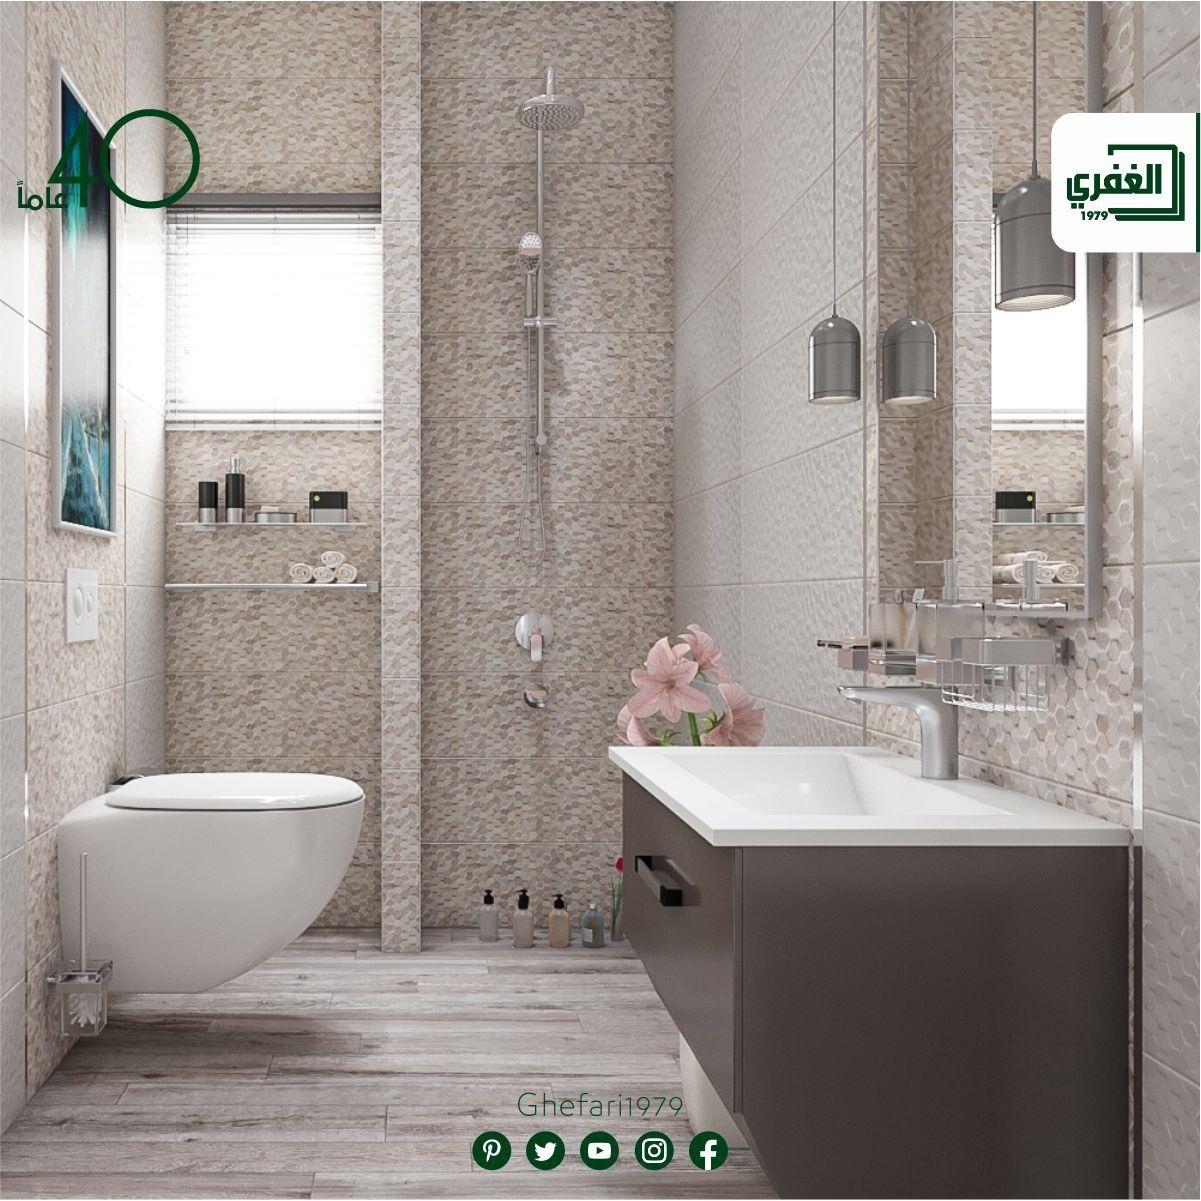 بلاط للاستخدام داخل الحمامات والمطابخ للمزيد زورونا على موقع الشركة Https Www Ghefari Com Ar Artois واتس اب 00972599417956 Bathtub Bathroom Instagram Posts